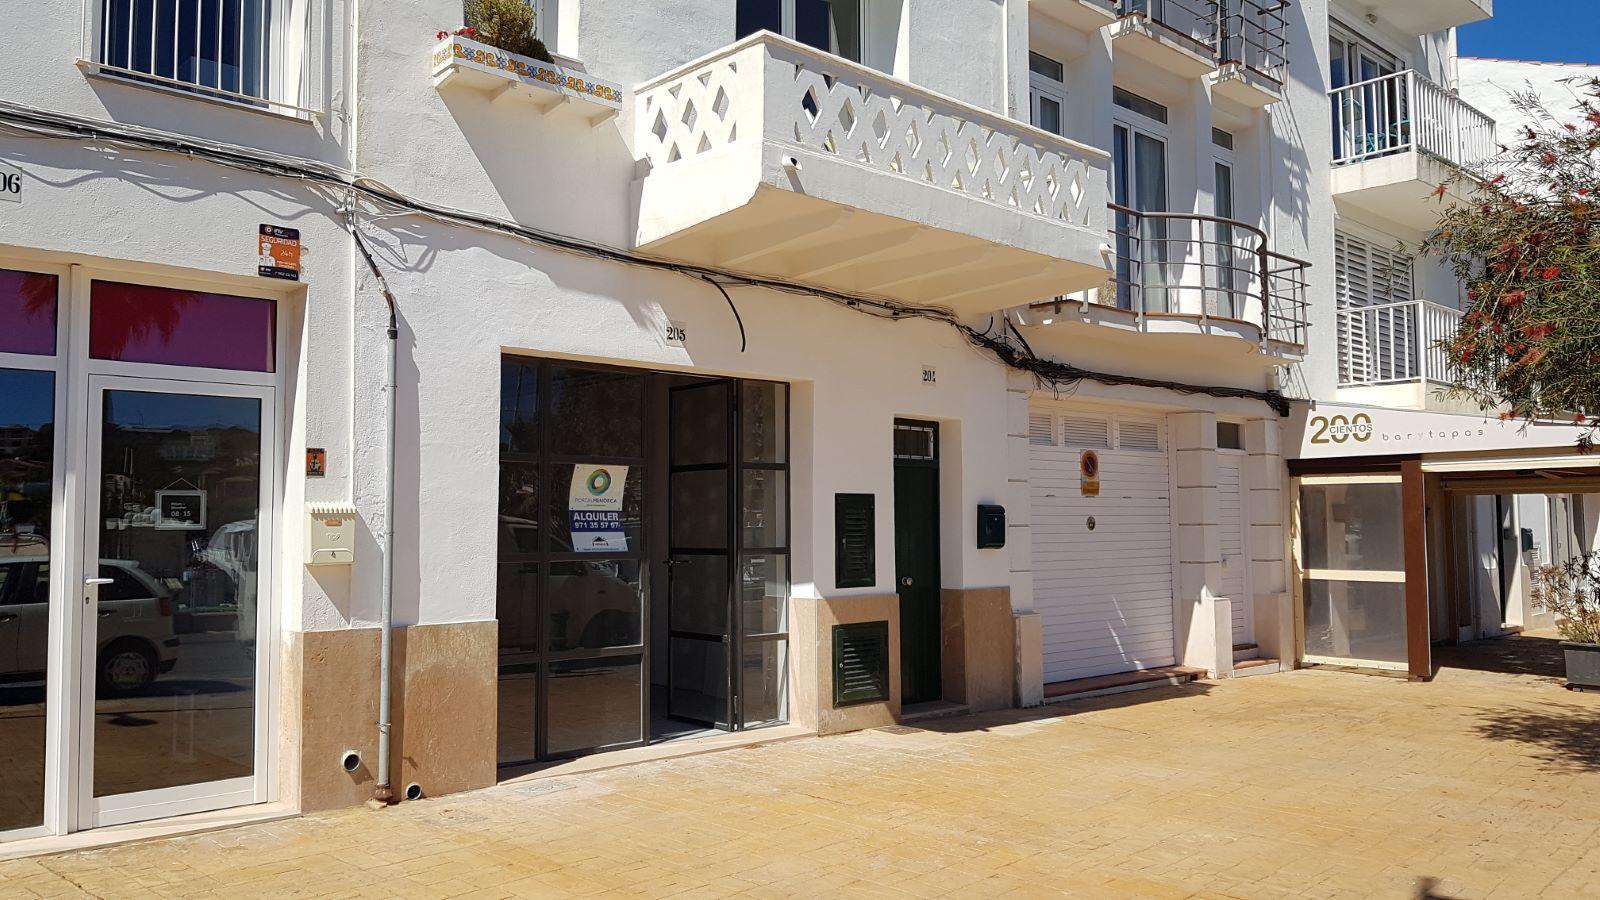 Local comercial en Mahón Ref: V2406 2